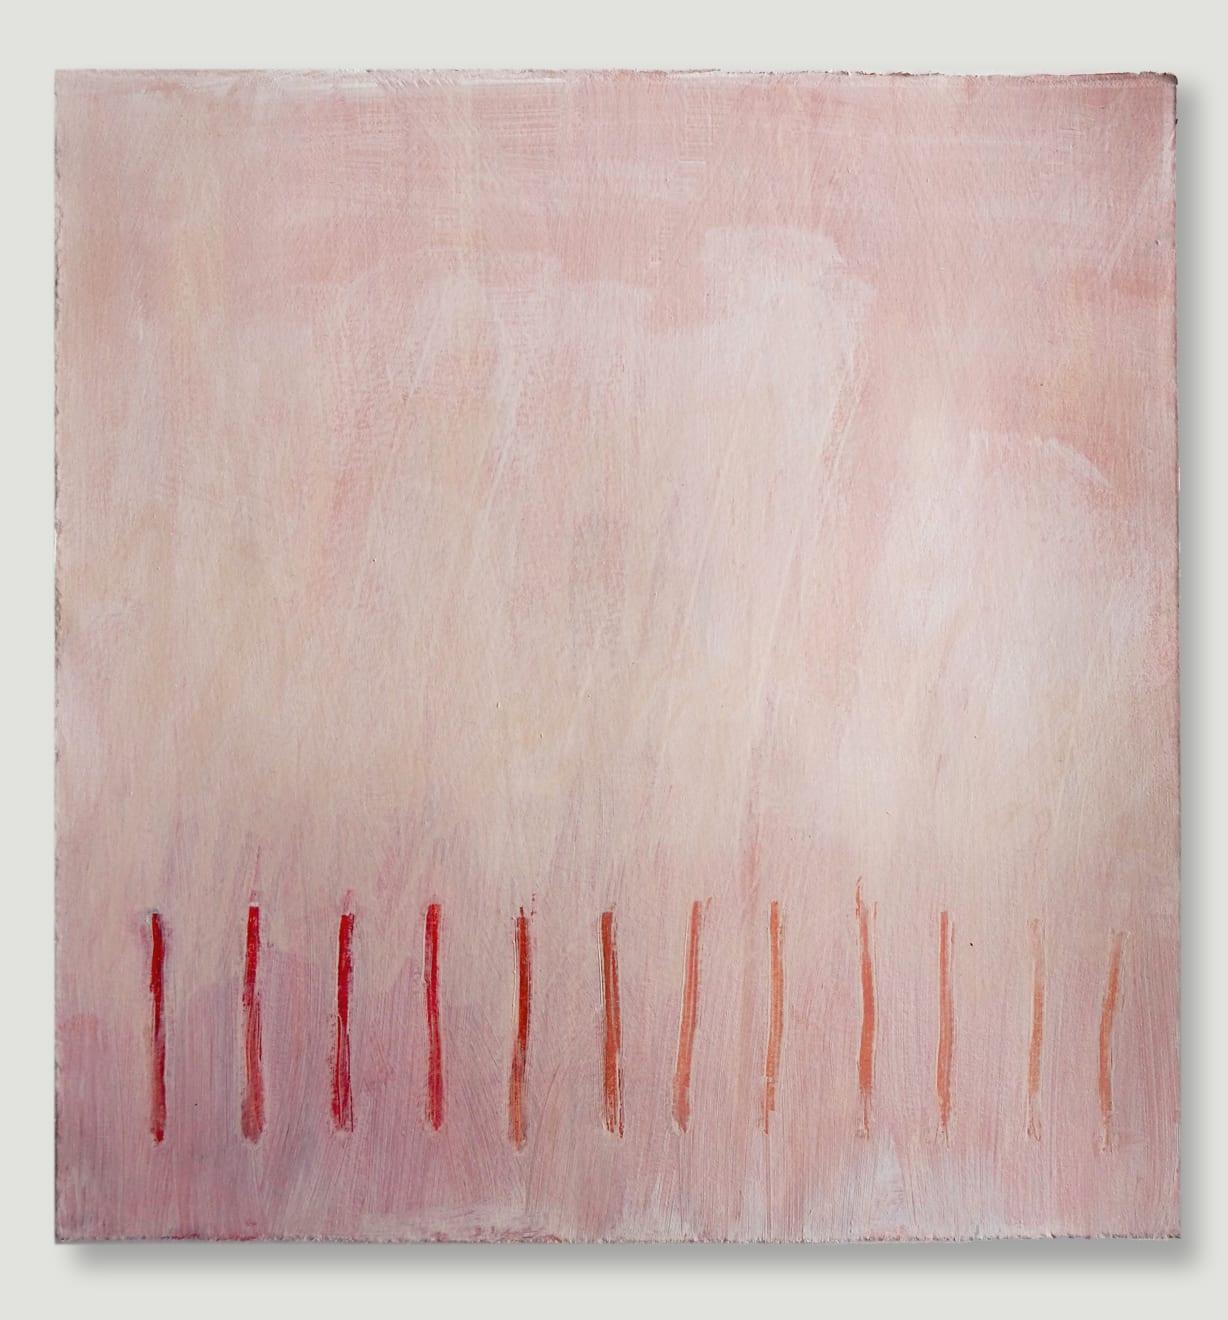 Caroline Popham, Untitled , 2020